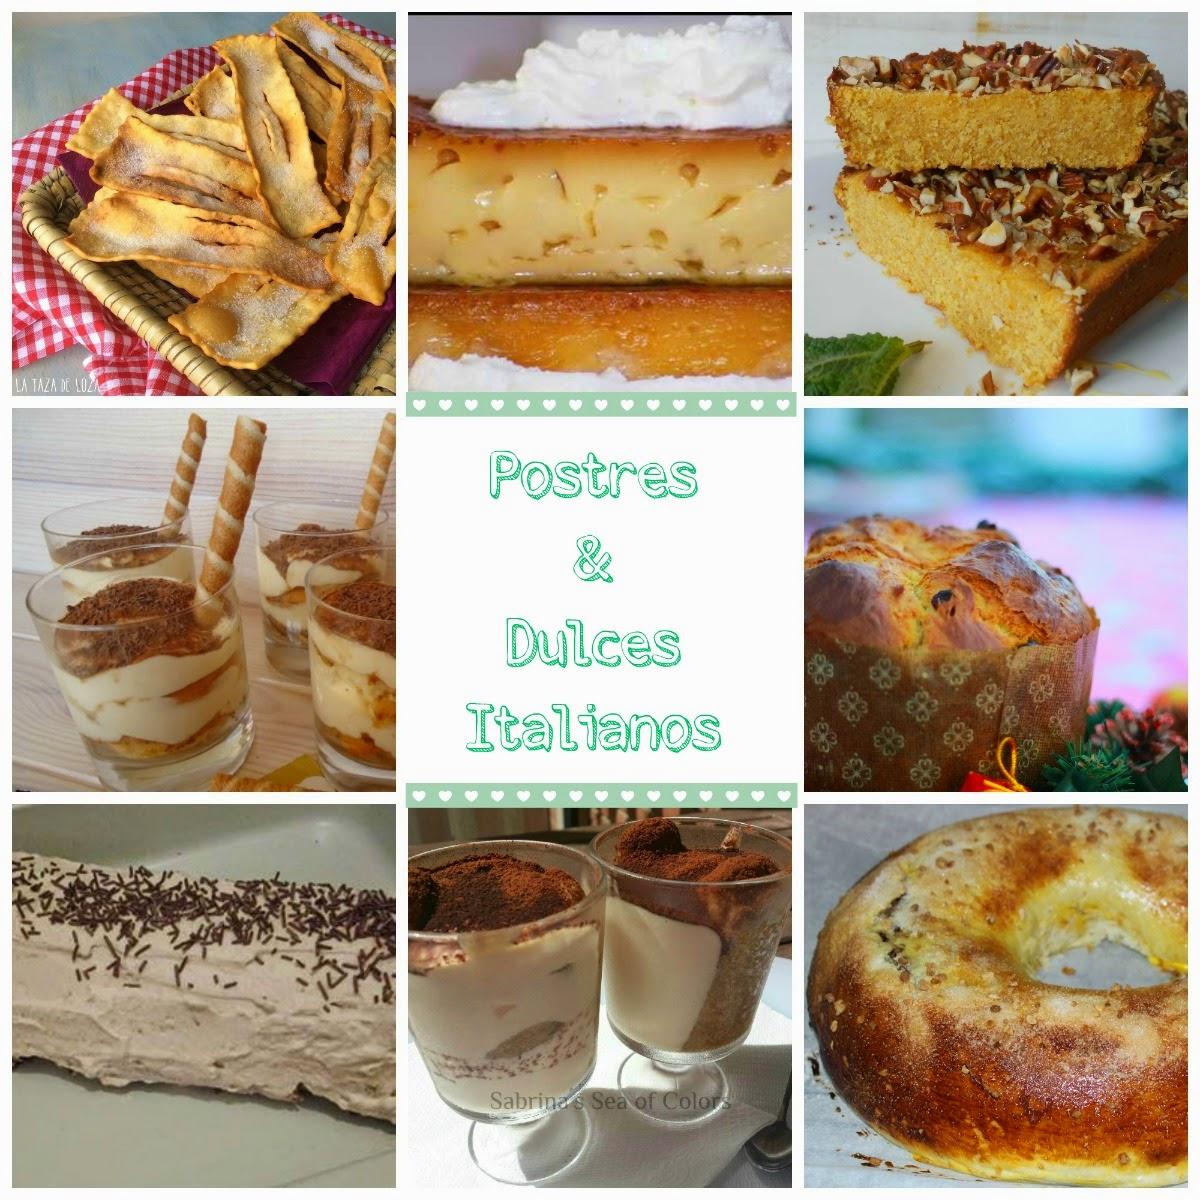 Cocina Postres | Postres Dulces Italianos Cocina